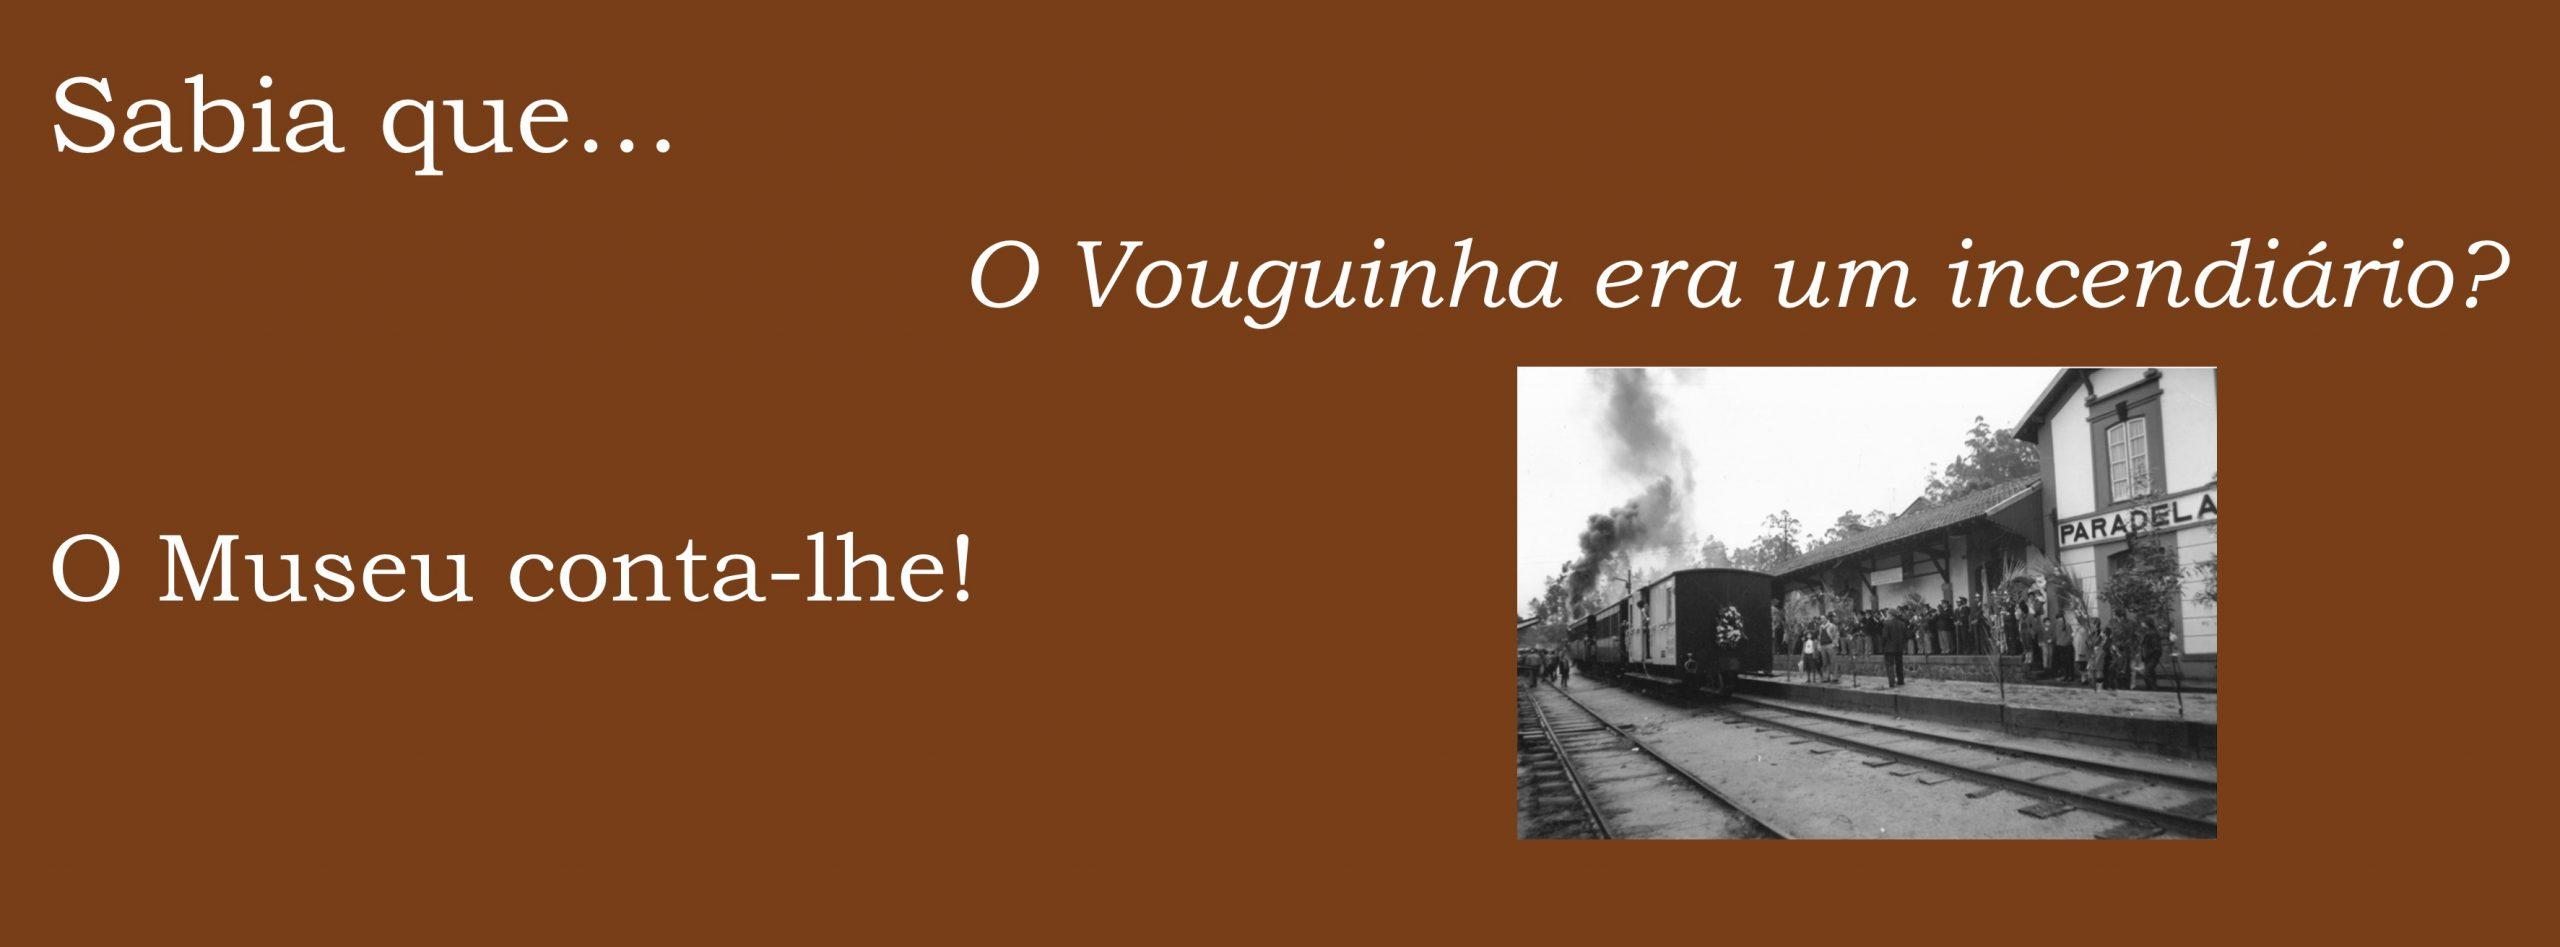 Sabia que… o Vouguinha era um incendiário?